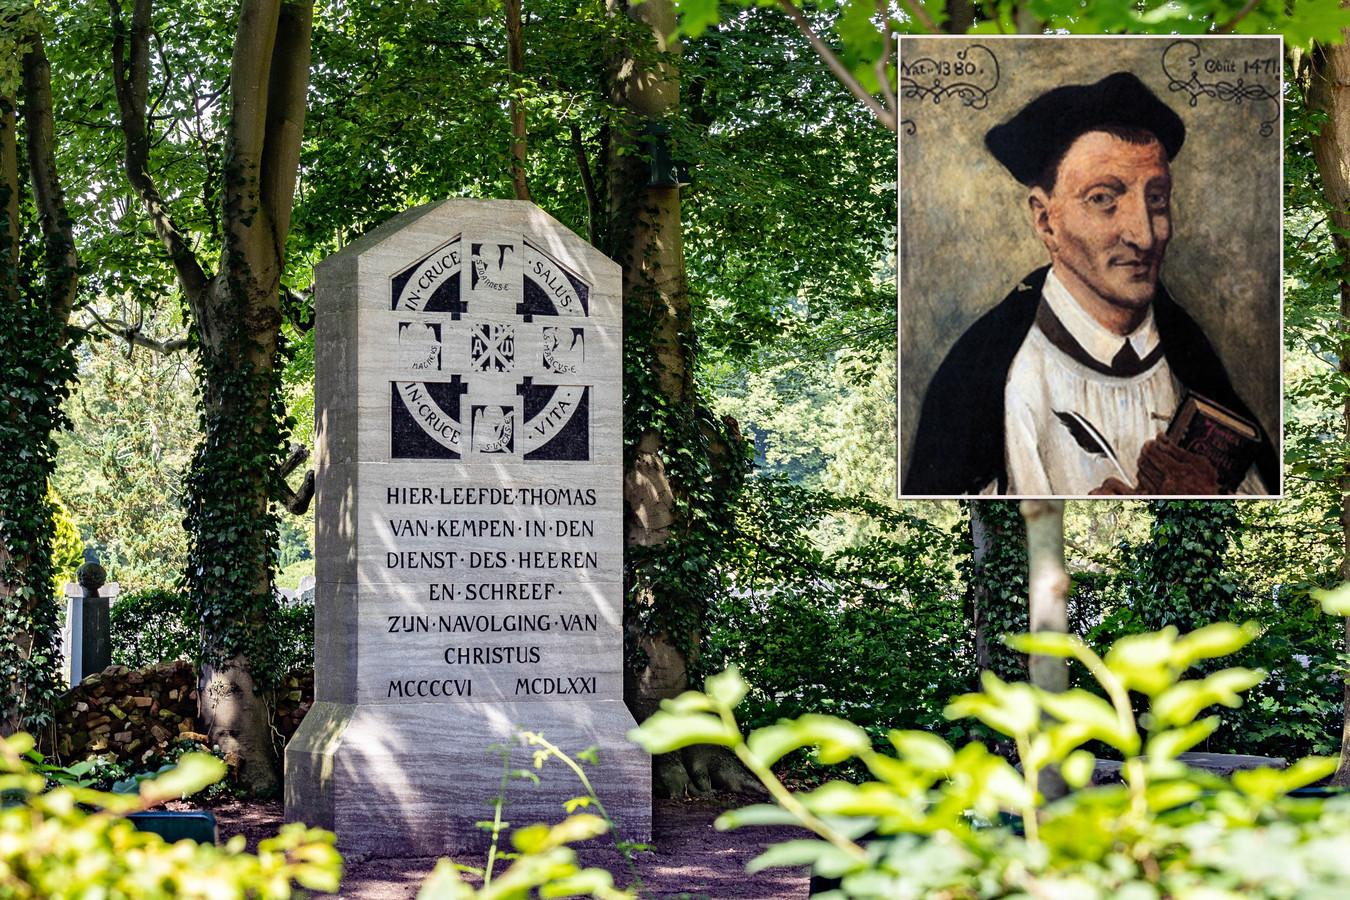 De gedenksteen bij begraafplaats Bergklooster in Zwolle. Inzet: een portret van Thomas a Kempis.